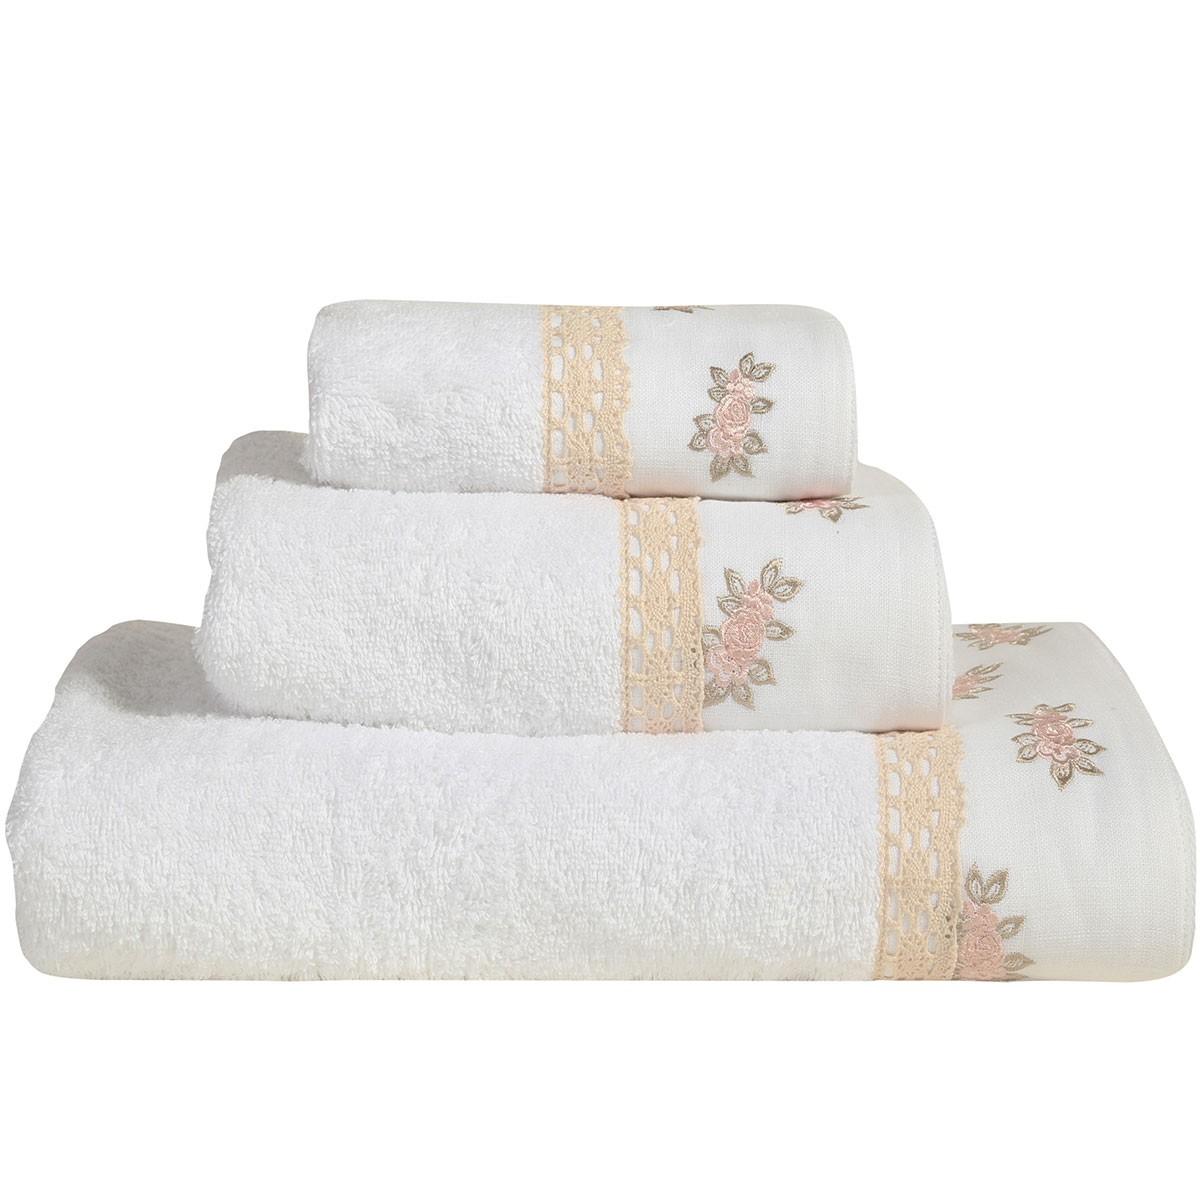 Πετσέτες Μπάνιου (Σετ 3τμχ) Nef-Nef Linen Roses